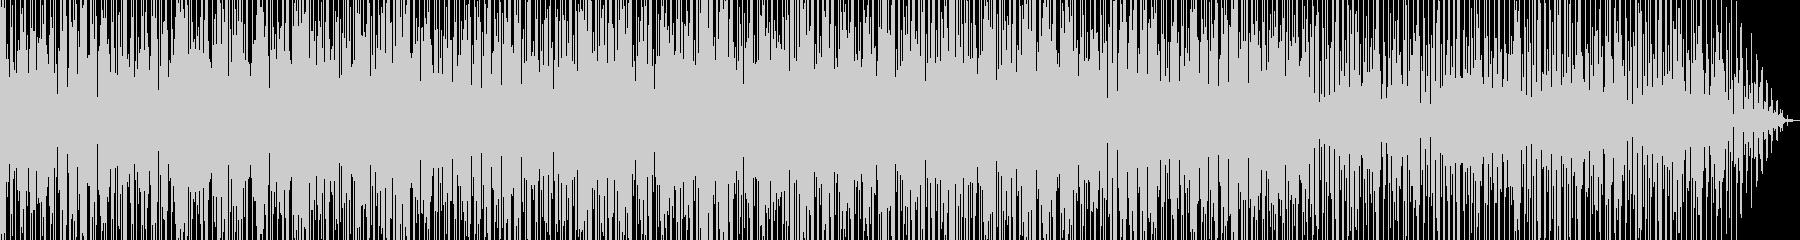 サンバ風なリズムのパーカッションインストの未再生の波形